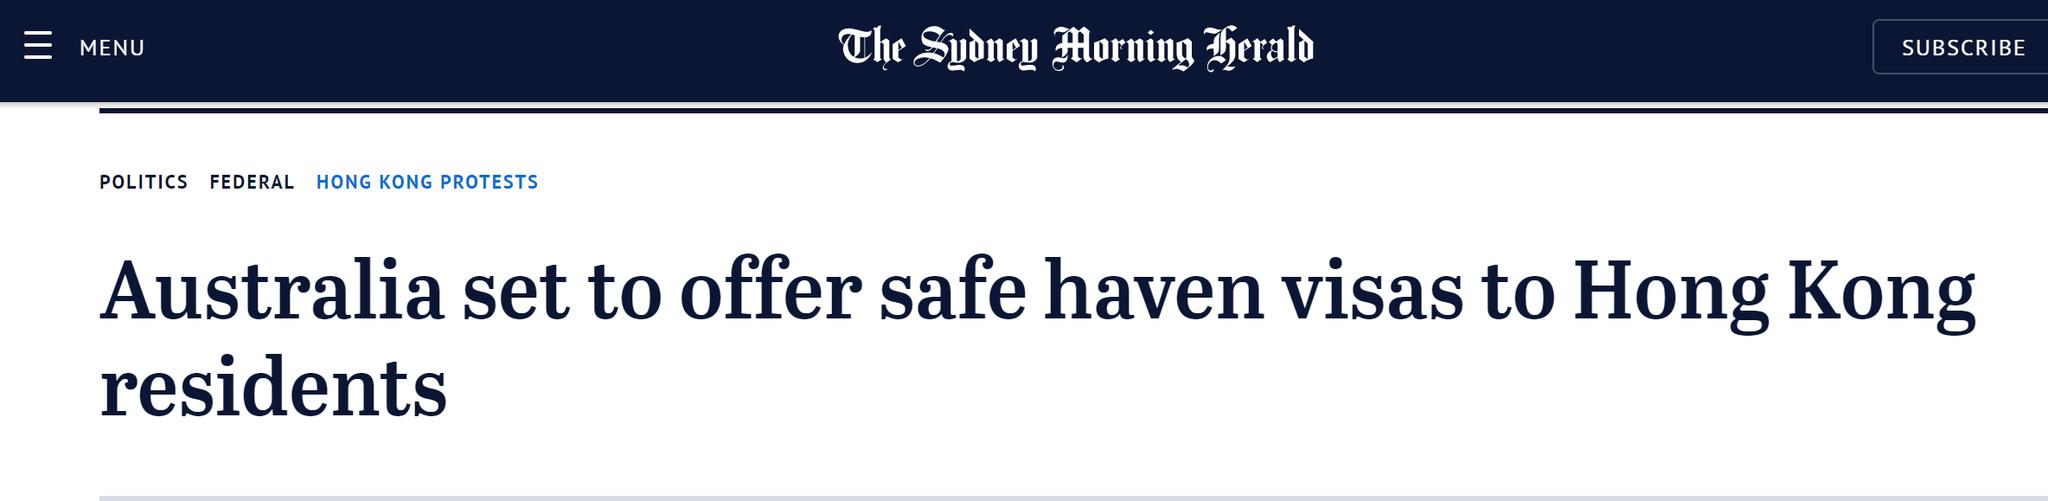 澳大利亚也学英国刷存在感?莫里森声称将为港人提